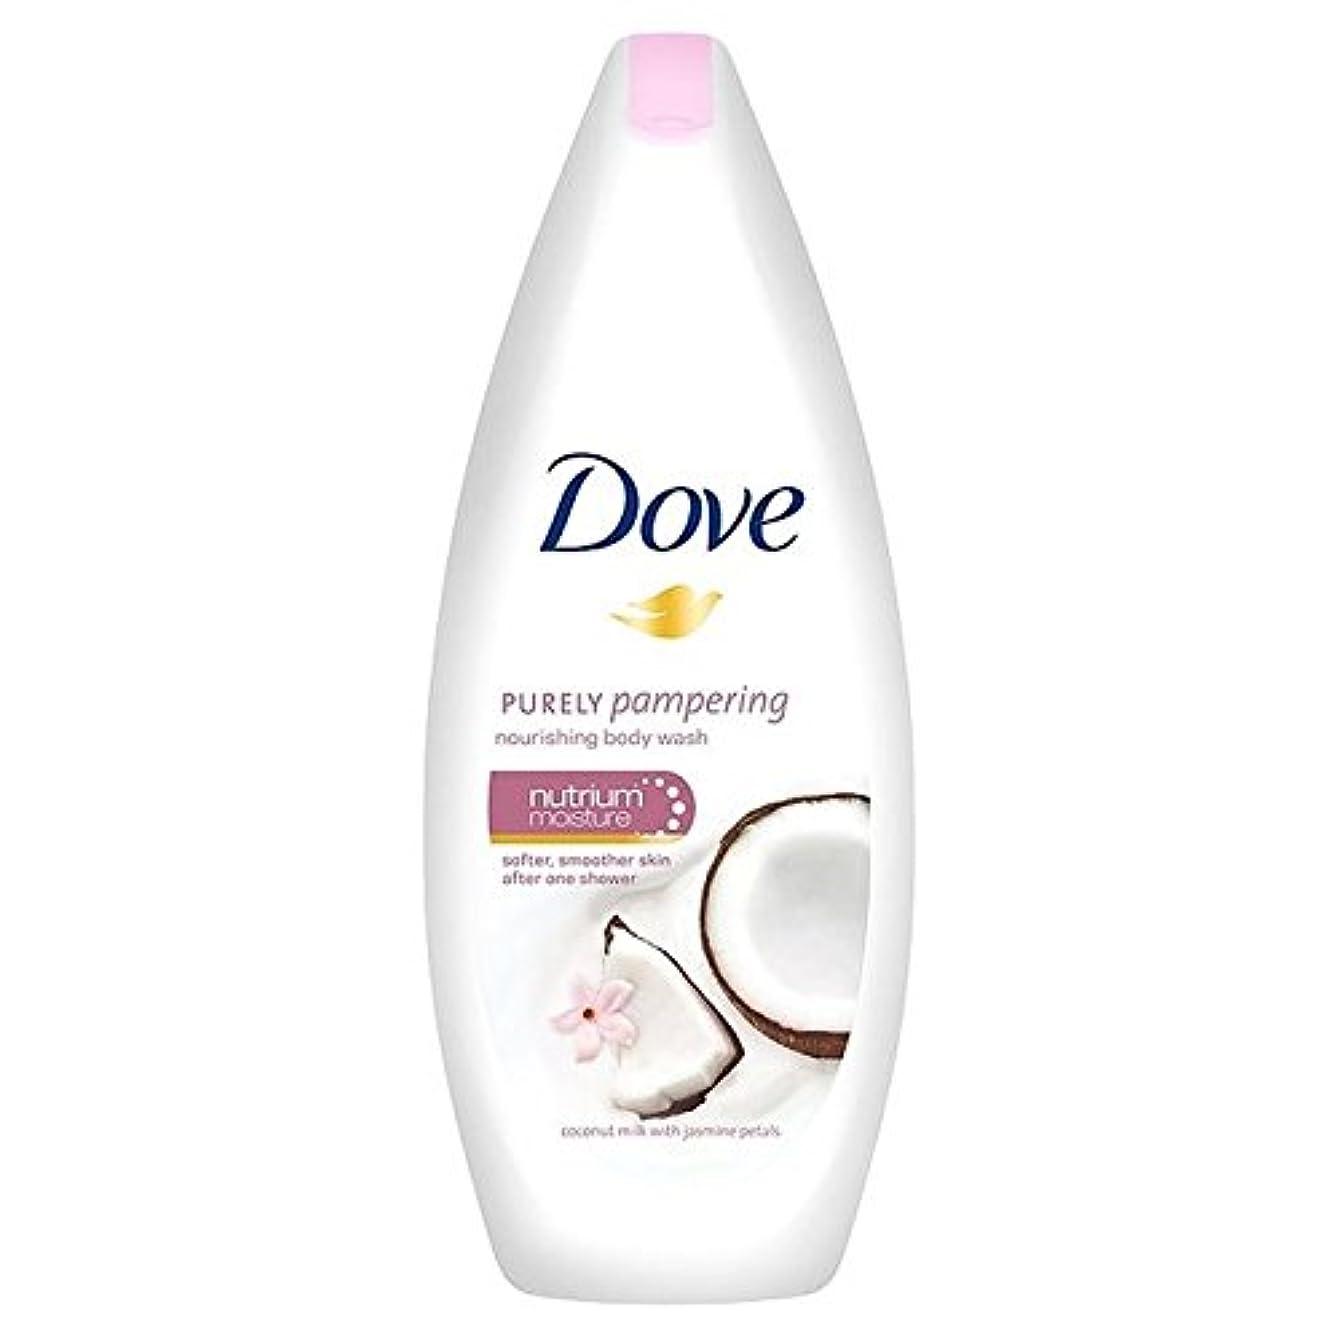 捧げるミュートソーダ水Dove Purely Pampering Coconut Body Wash 250ml - 鳩純粋に甘やかすココナッツボディウォッシュ250ミリリットル [並行輸入品]